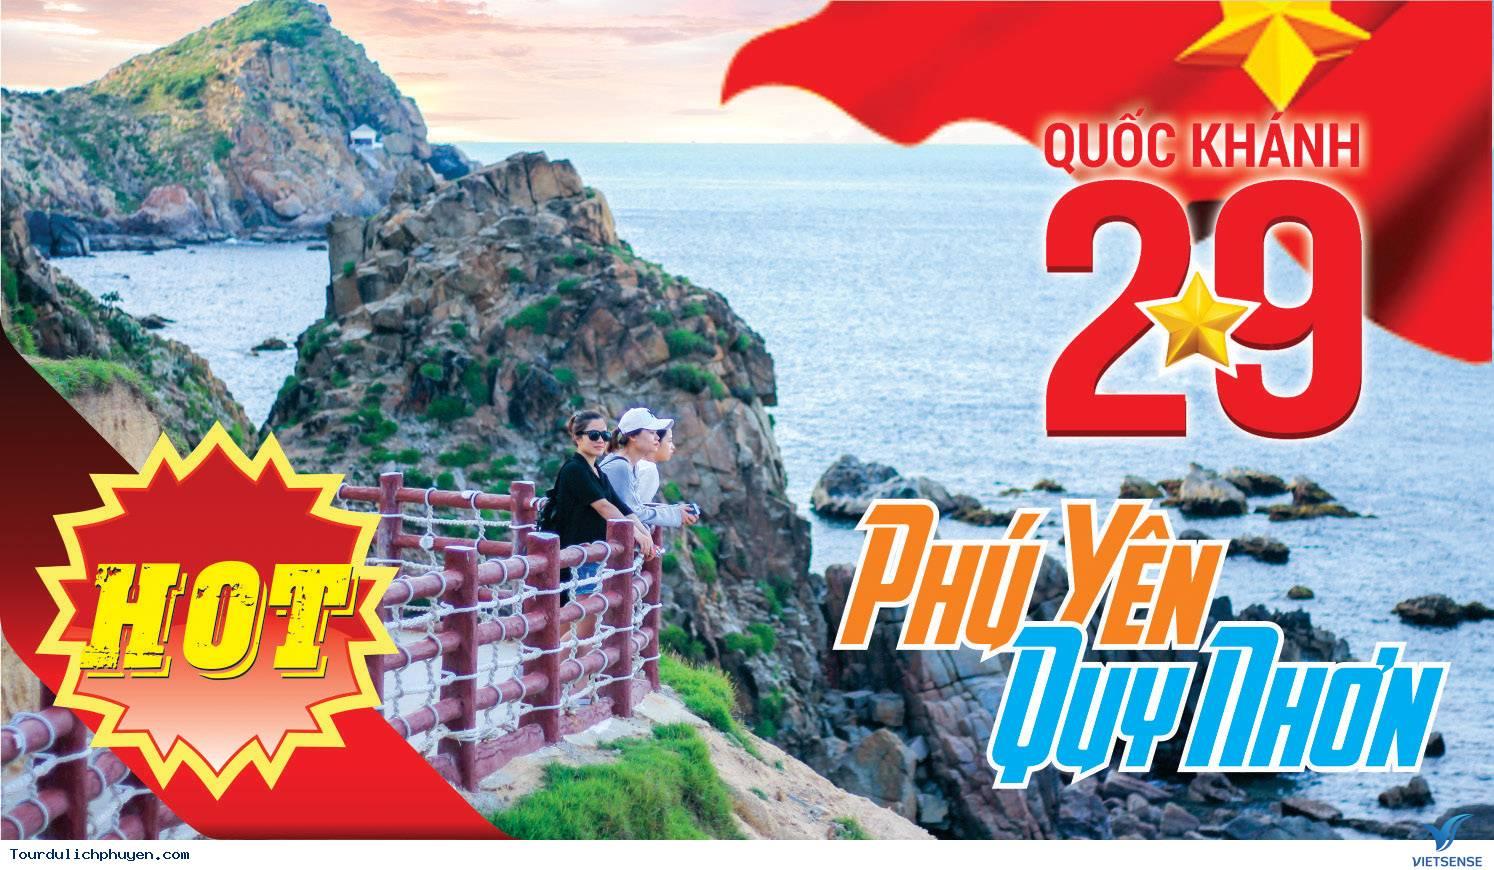 Tour Du Lịch Phú Yên – Quy Nhơn Dịp Lễ 2-9 4 Ngày 3 Đêm